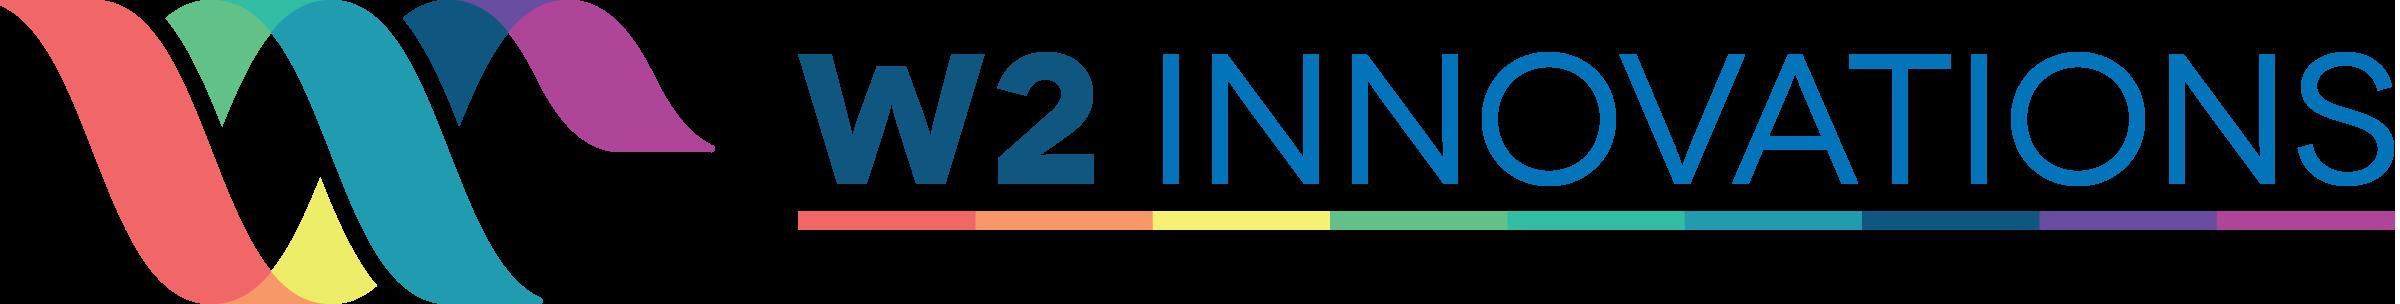 w2innovations.com